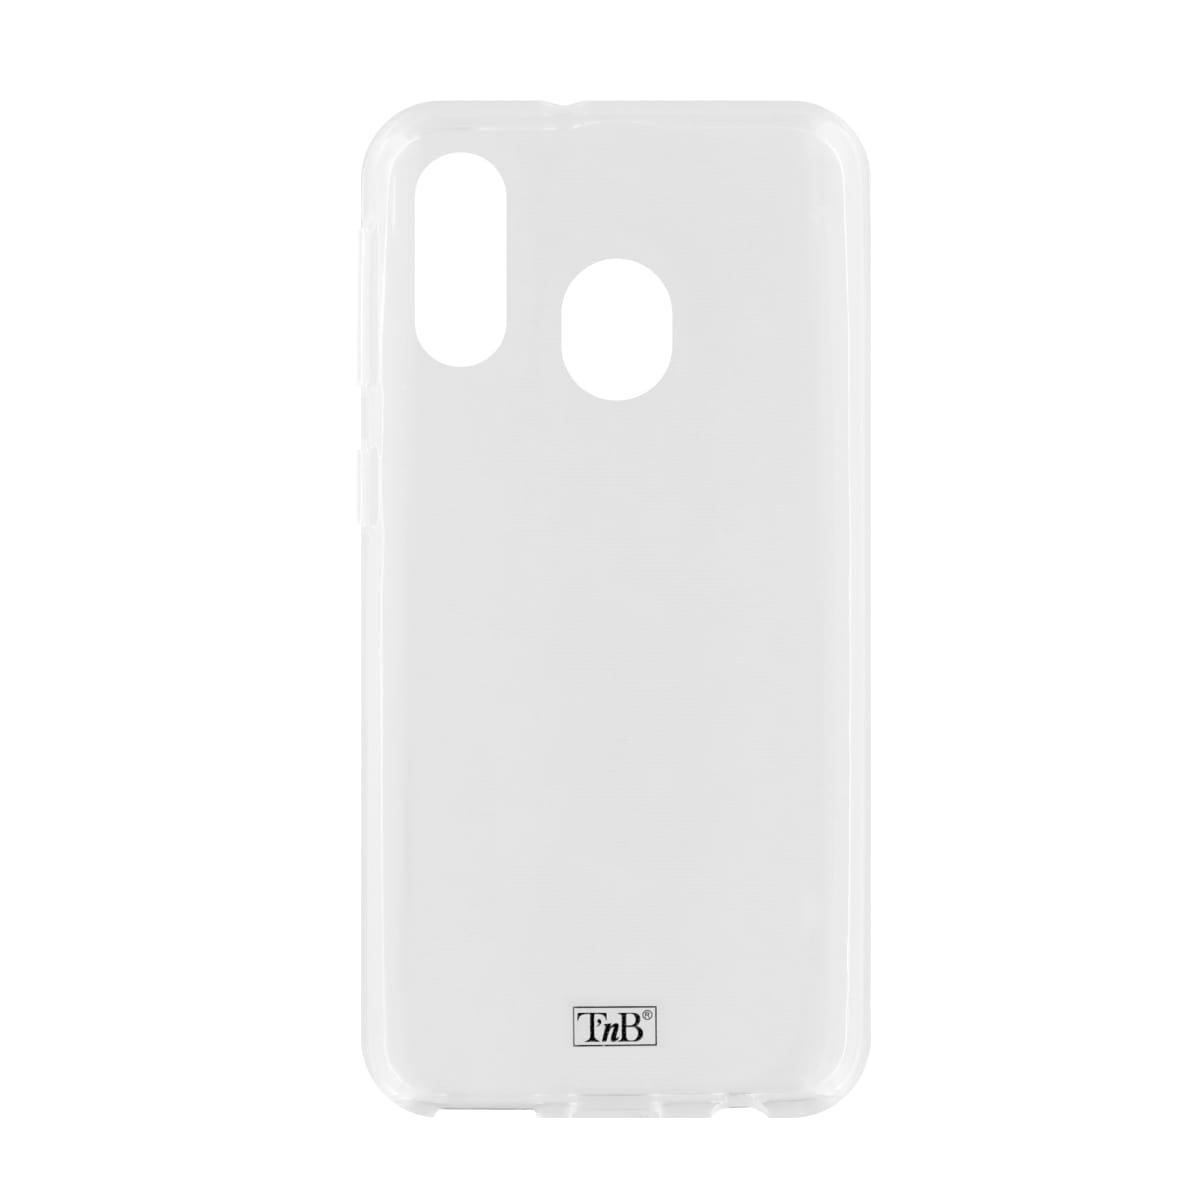 Samsung A40 transparent soft case